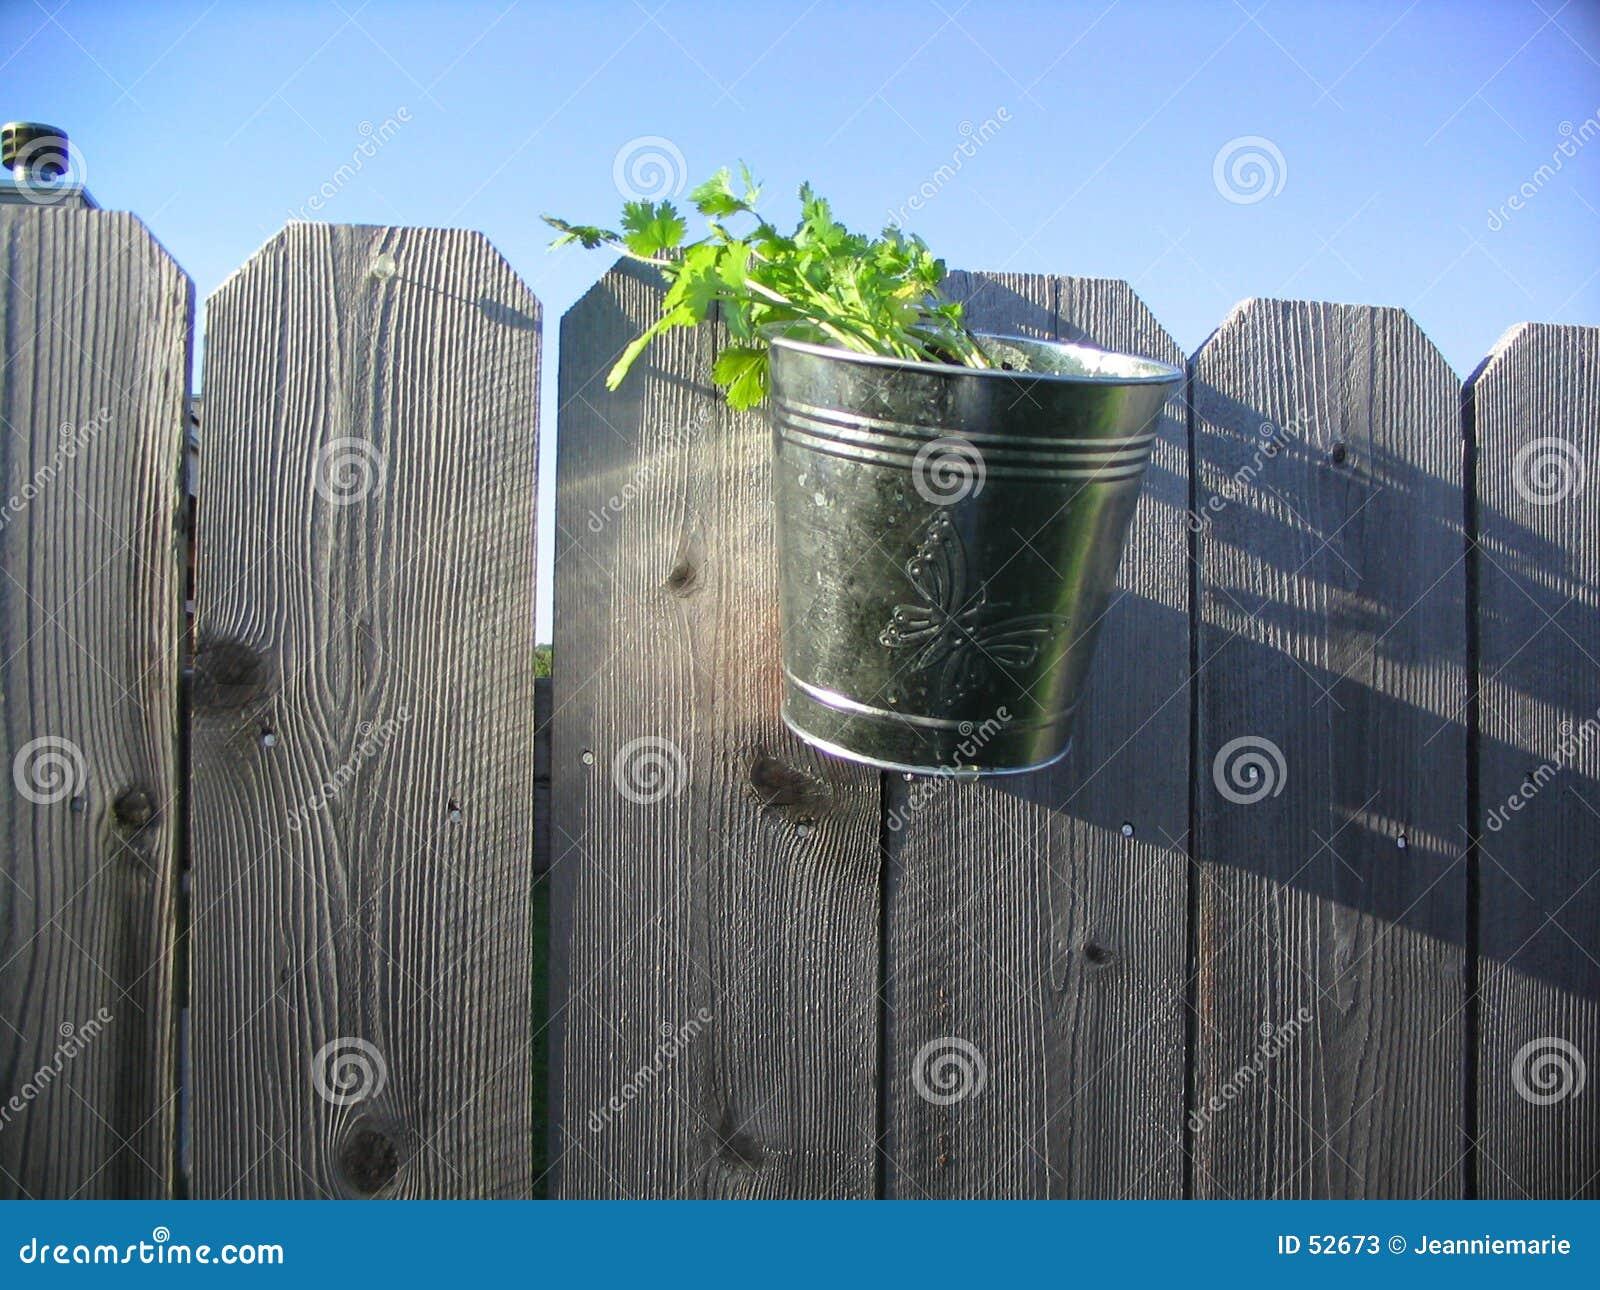 Download Cilantro Mis En Pot Sur Une Frontière De Sécurité Image stock - Image du ressort, bleu: 52673